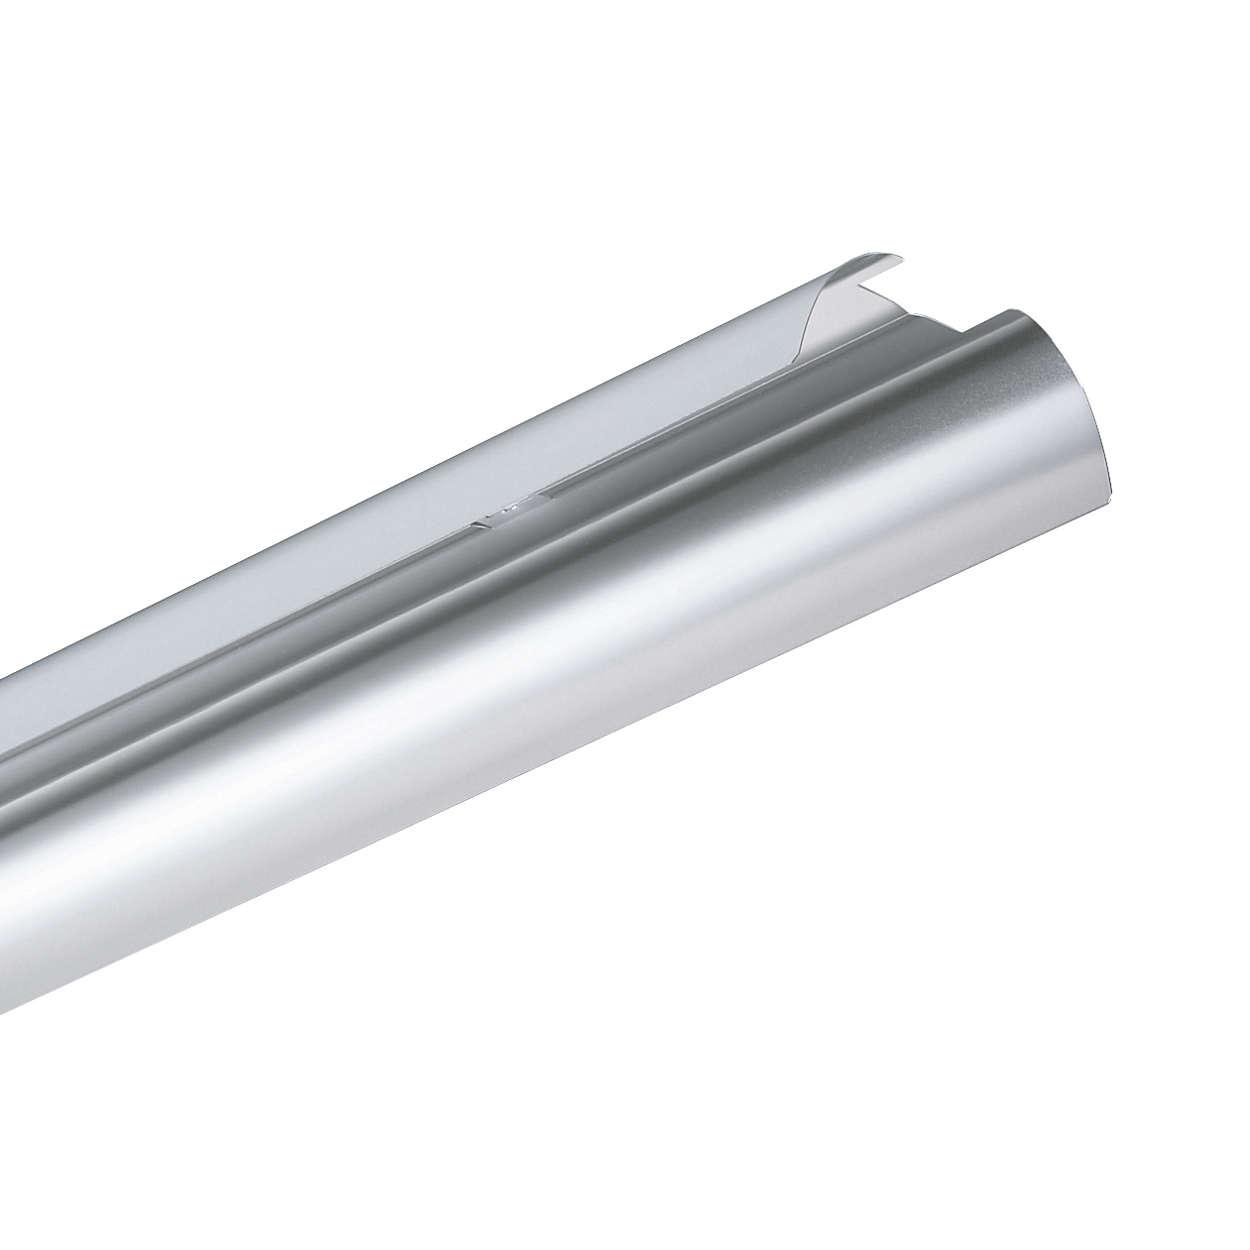 Reflectores y ópticas Maxos TL-D Universal – un diseño básico, múltiples soluciones especiales